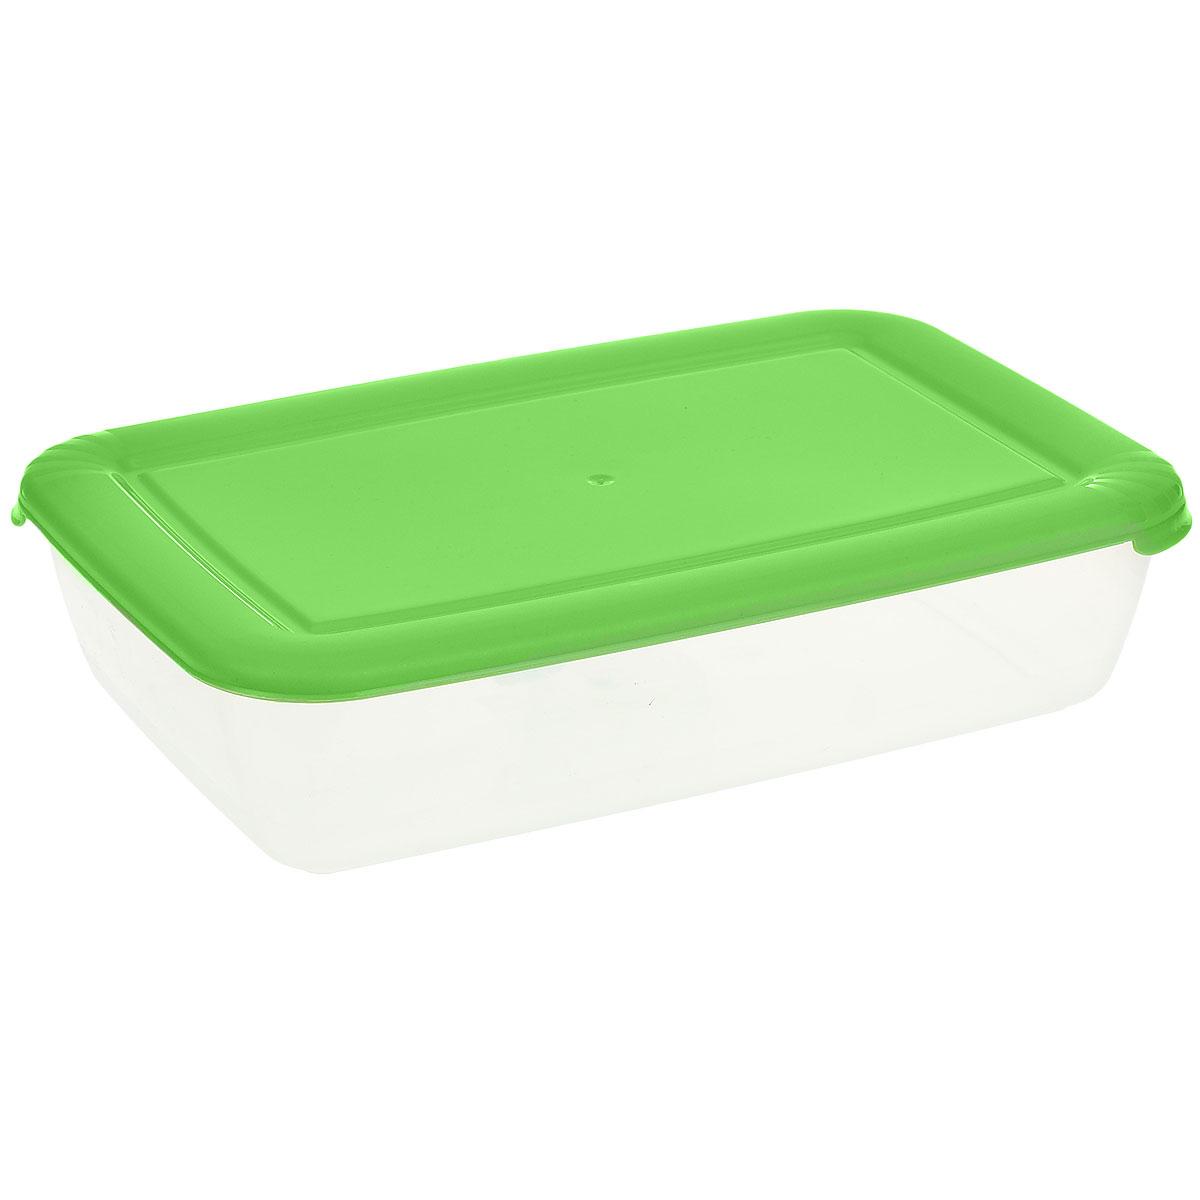 Контейнер Полимербыт Лайт, цвет: прозрачный, салатовый, 1,9 лVT-1520(SR)Контейнер Полимербыт Лайт прямоугольной формы, изготовленный из прочного пластика, предназначен специально для хранения пищевых продуктов. Крышка легко открывается и плотно закрывается.Контейнер устойчив к воздействию масел и жиров, легко моется. Прозрачные стенки позволяют видеть содержимое. Контейнер имеет возможность хранения продуктов глубокой заморозки, обладает высокой прочностью. Можно мыть в посудомоечной машине. Подходит для использования в микроволновых печах.